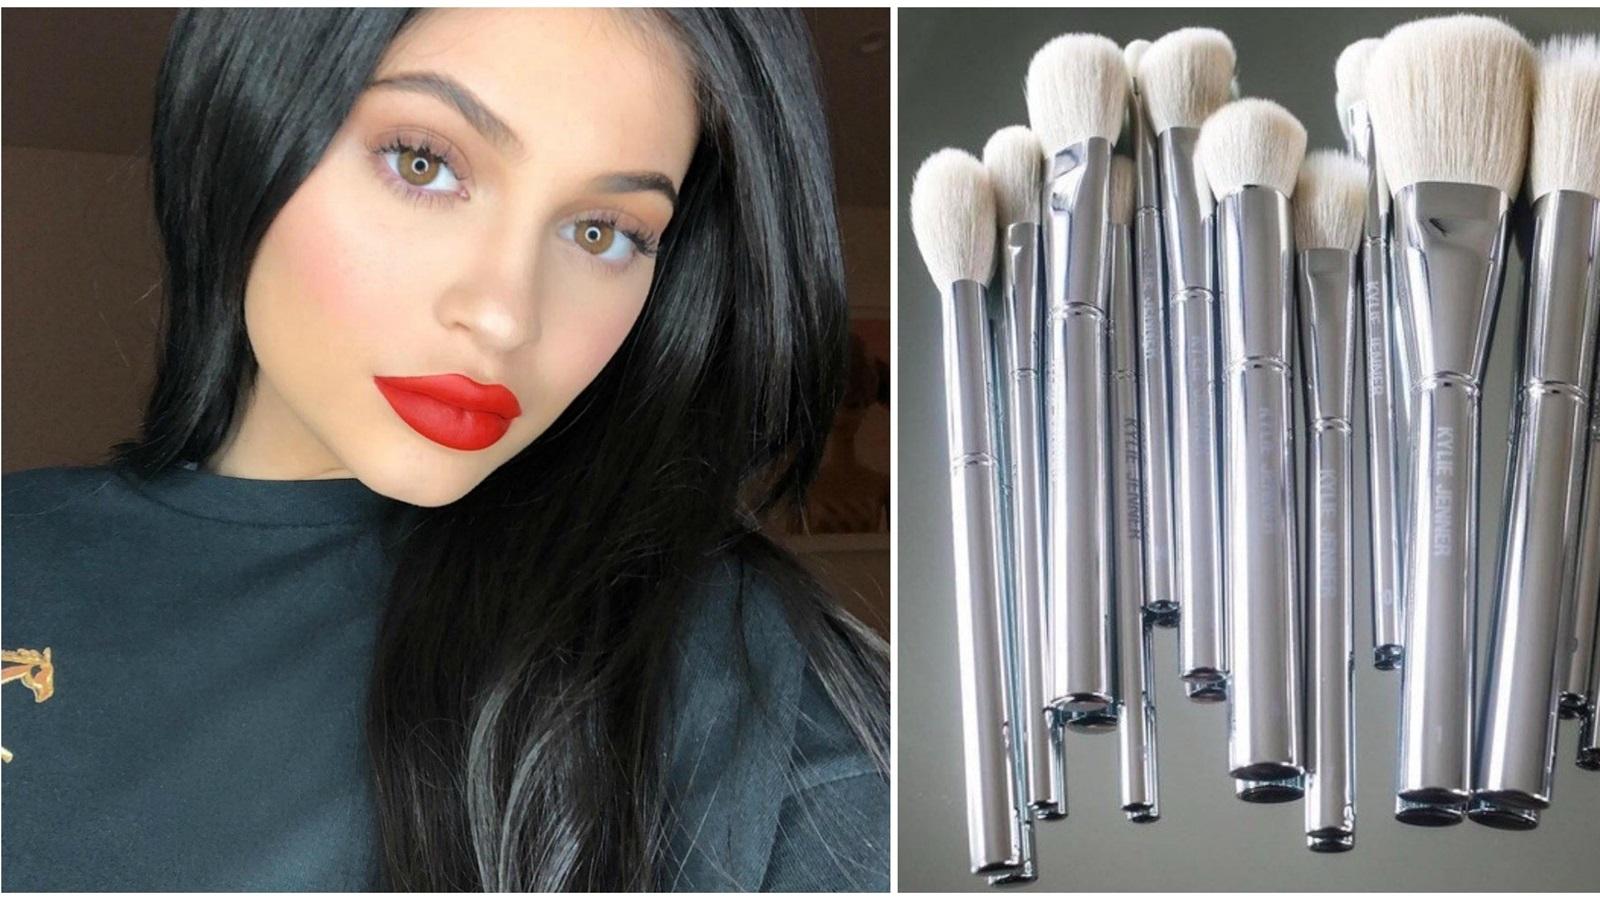 Kylie Jenner ra mắt dòng sản phẩm trang điểm Silver Series